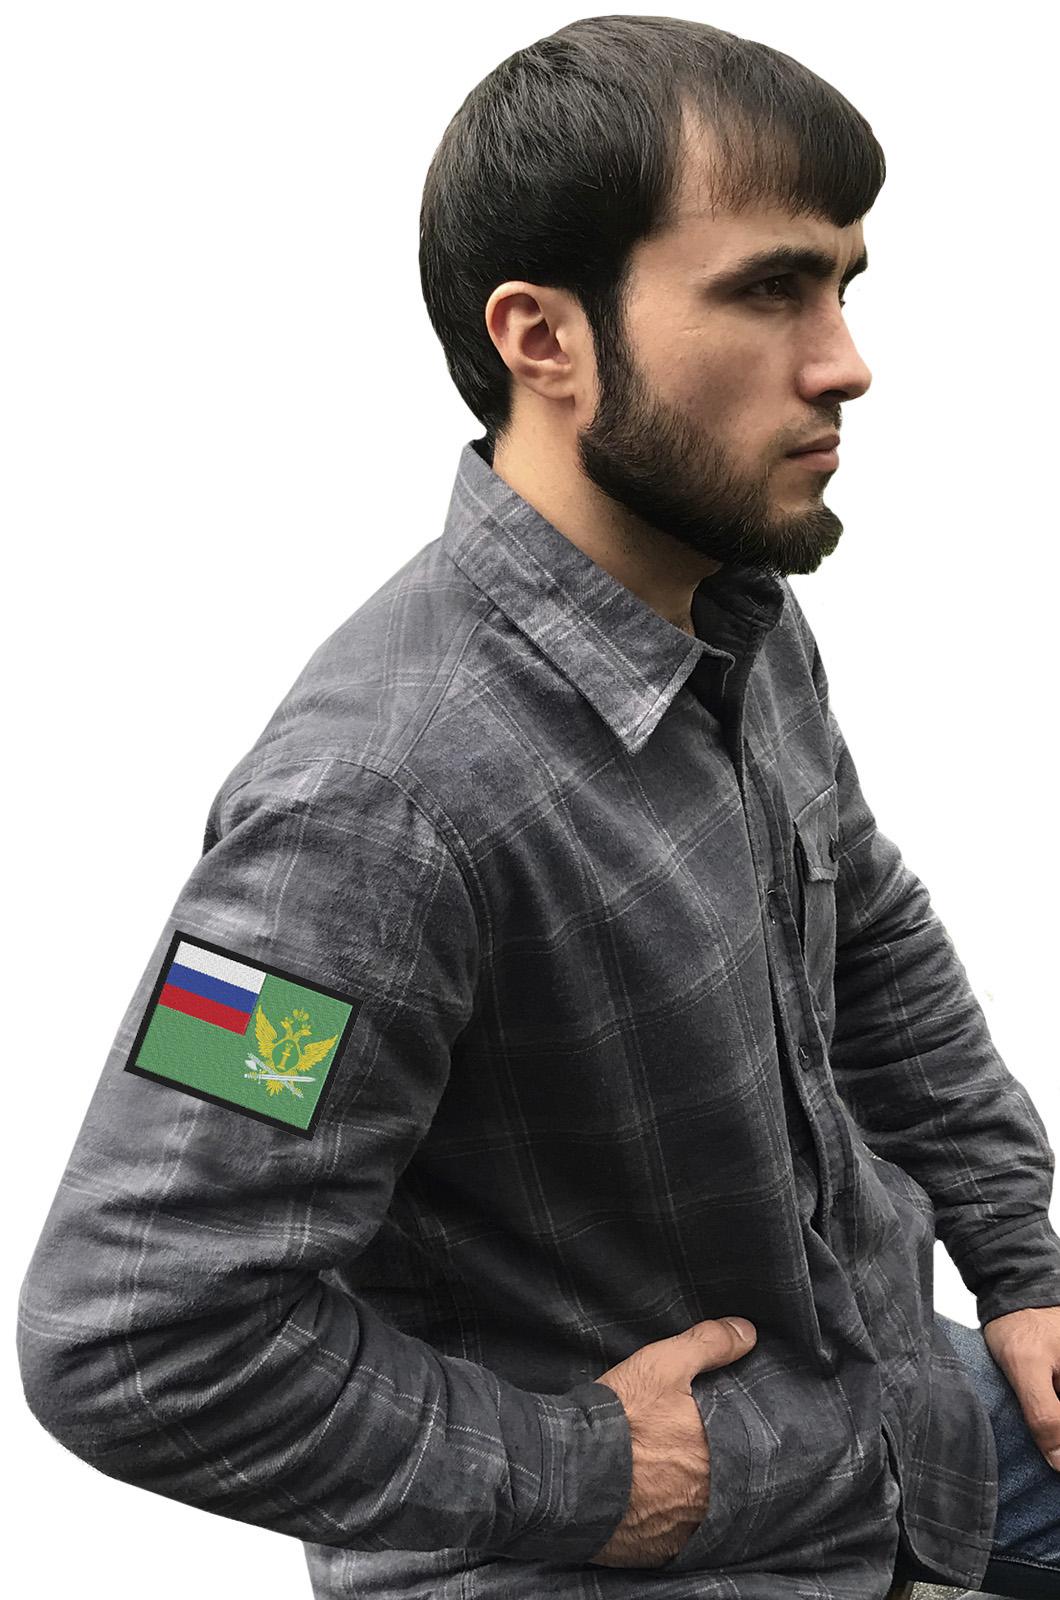 Строгая рубашка с вышитым шевроном ФССП - заказать с доставкой